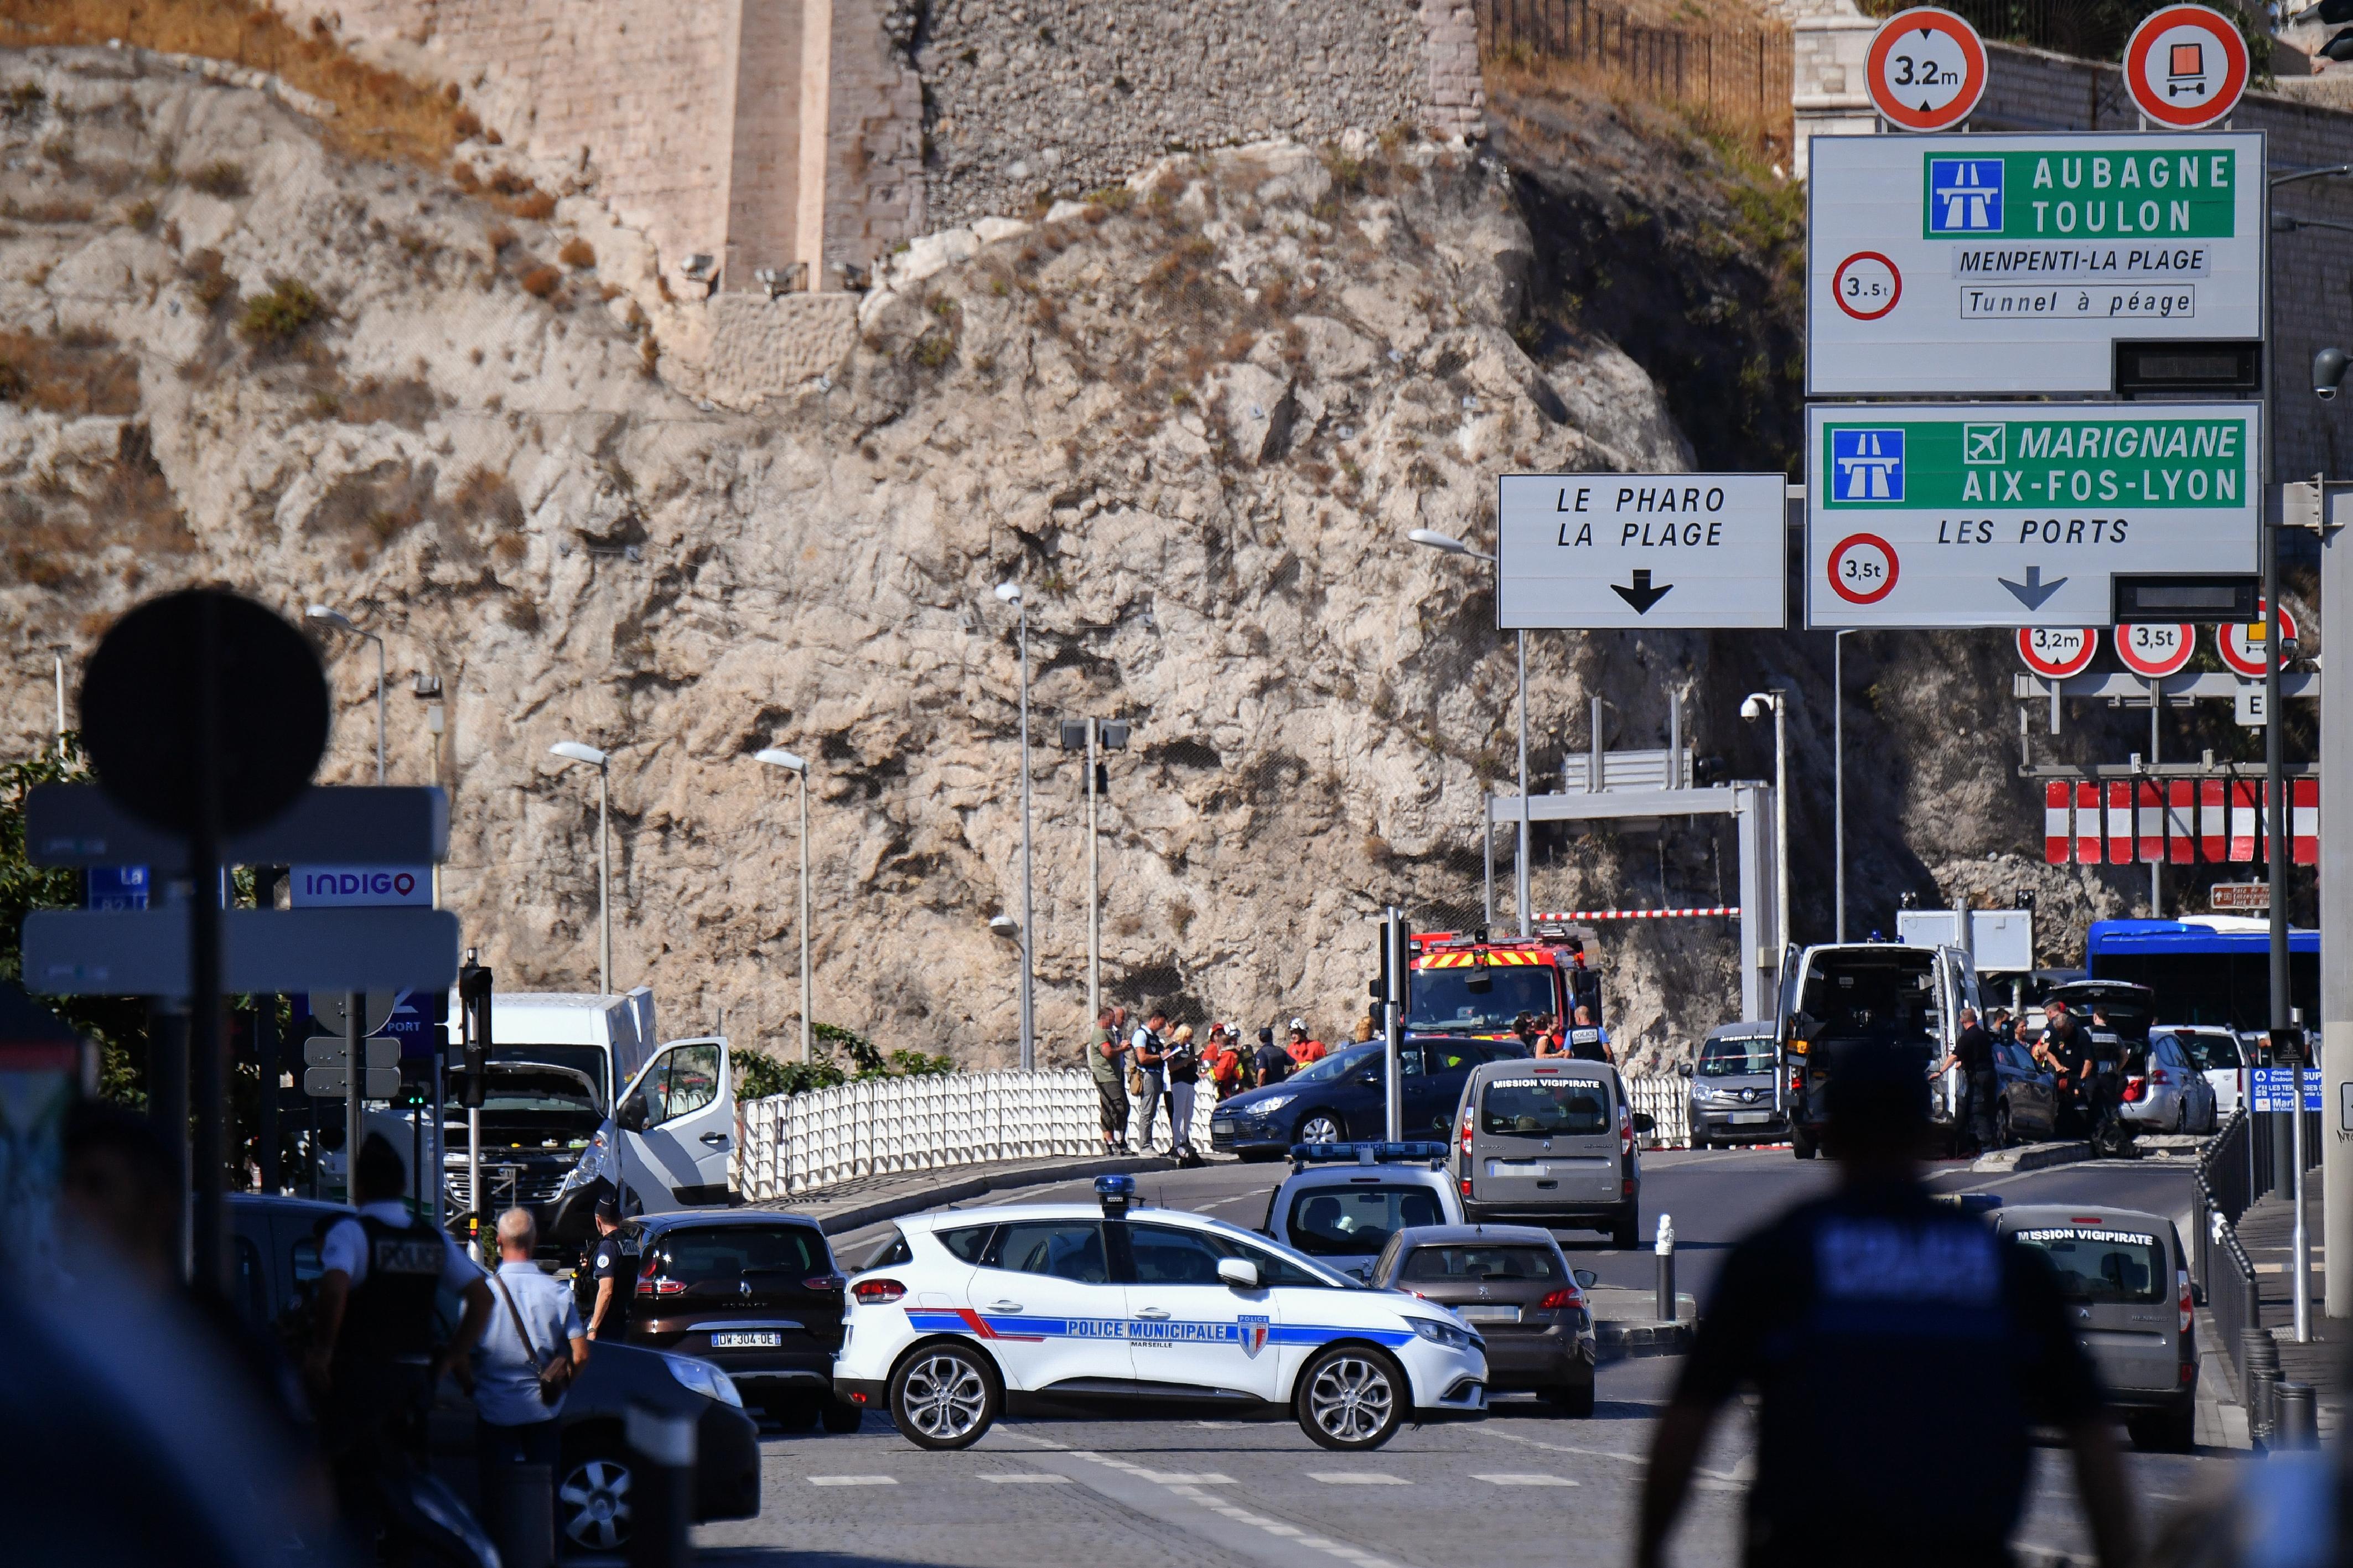 قوة من الشرطة الفرنسية في مكان الحادث بمرسيليا